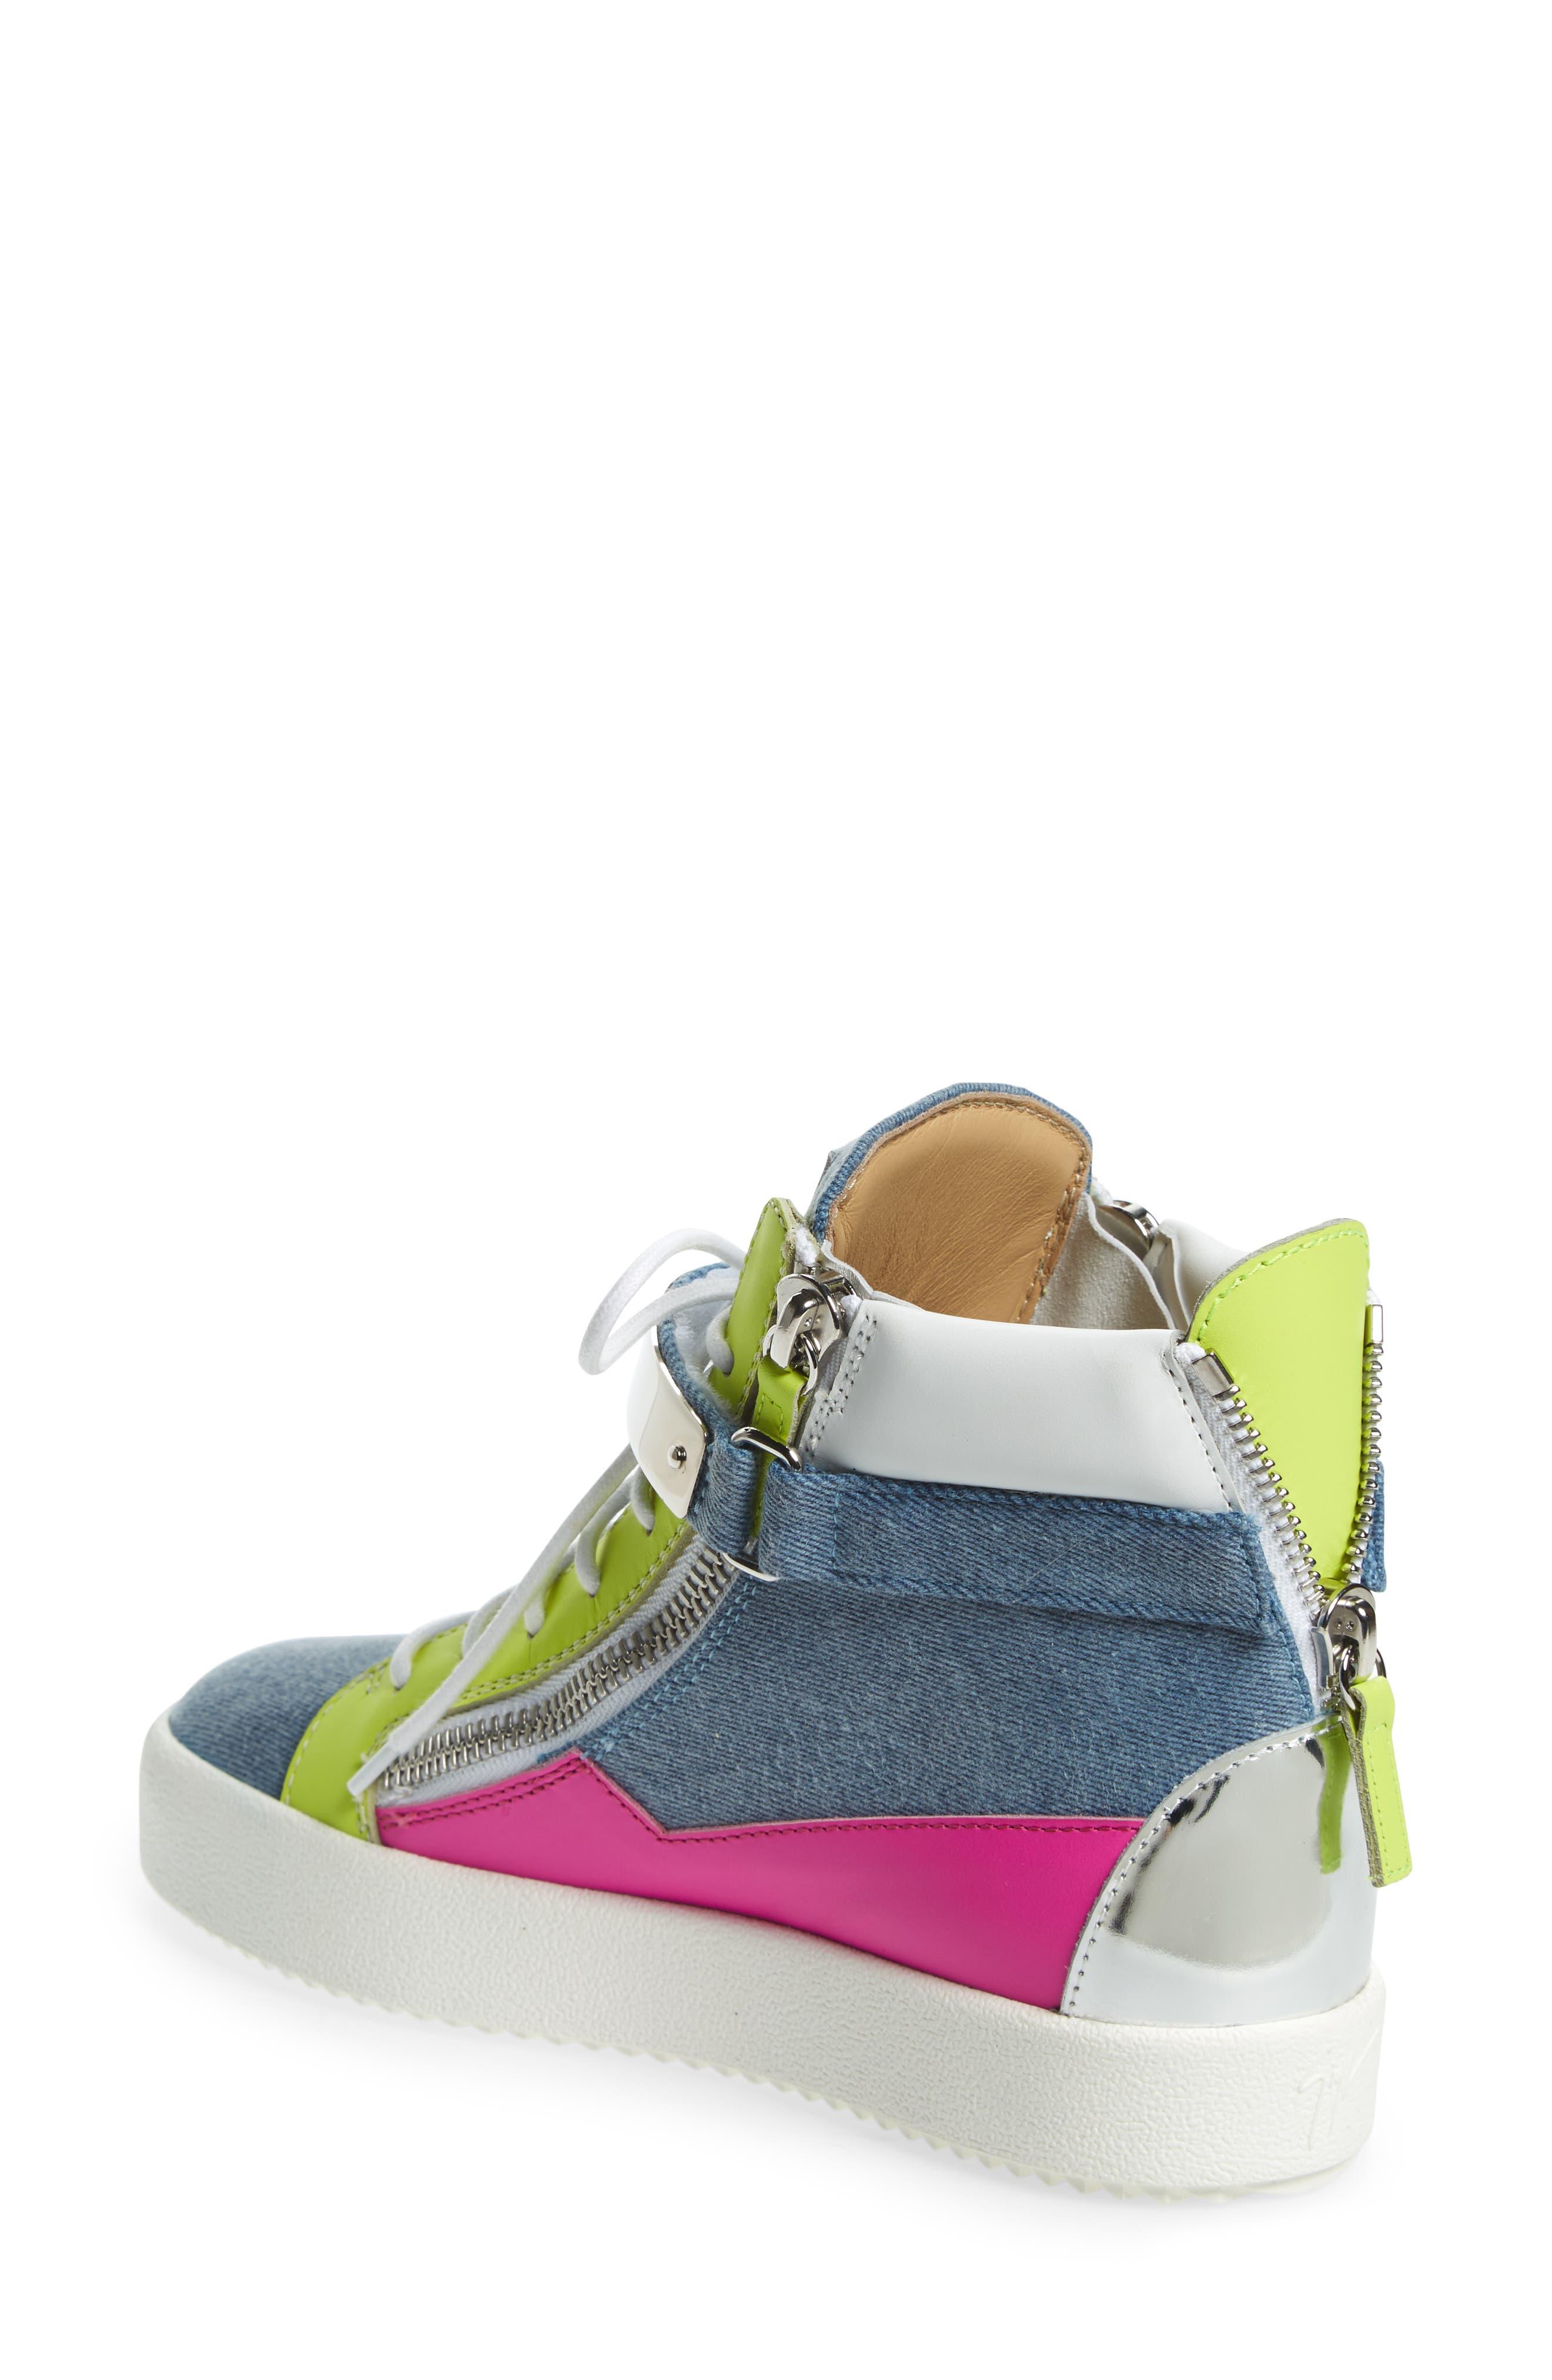 May London High Top Sneaker,                             Alternate thumbnail 2, color,                             Denim